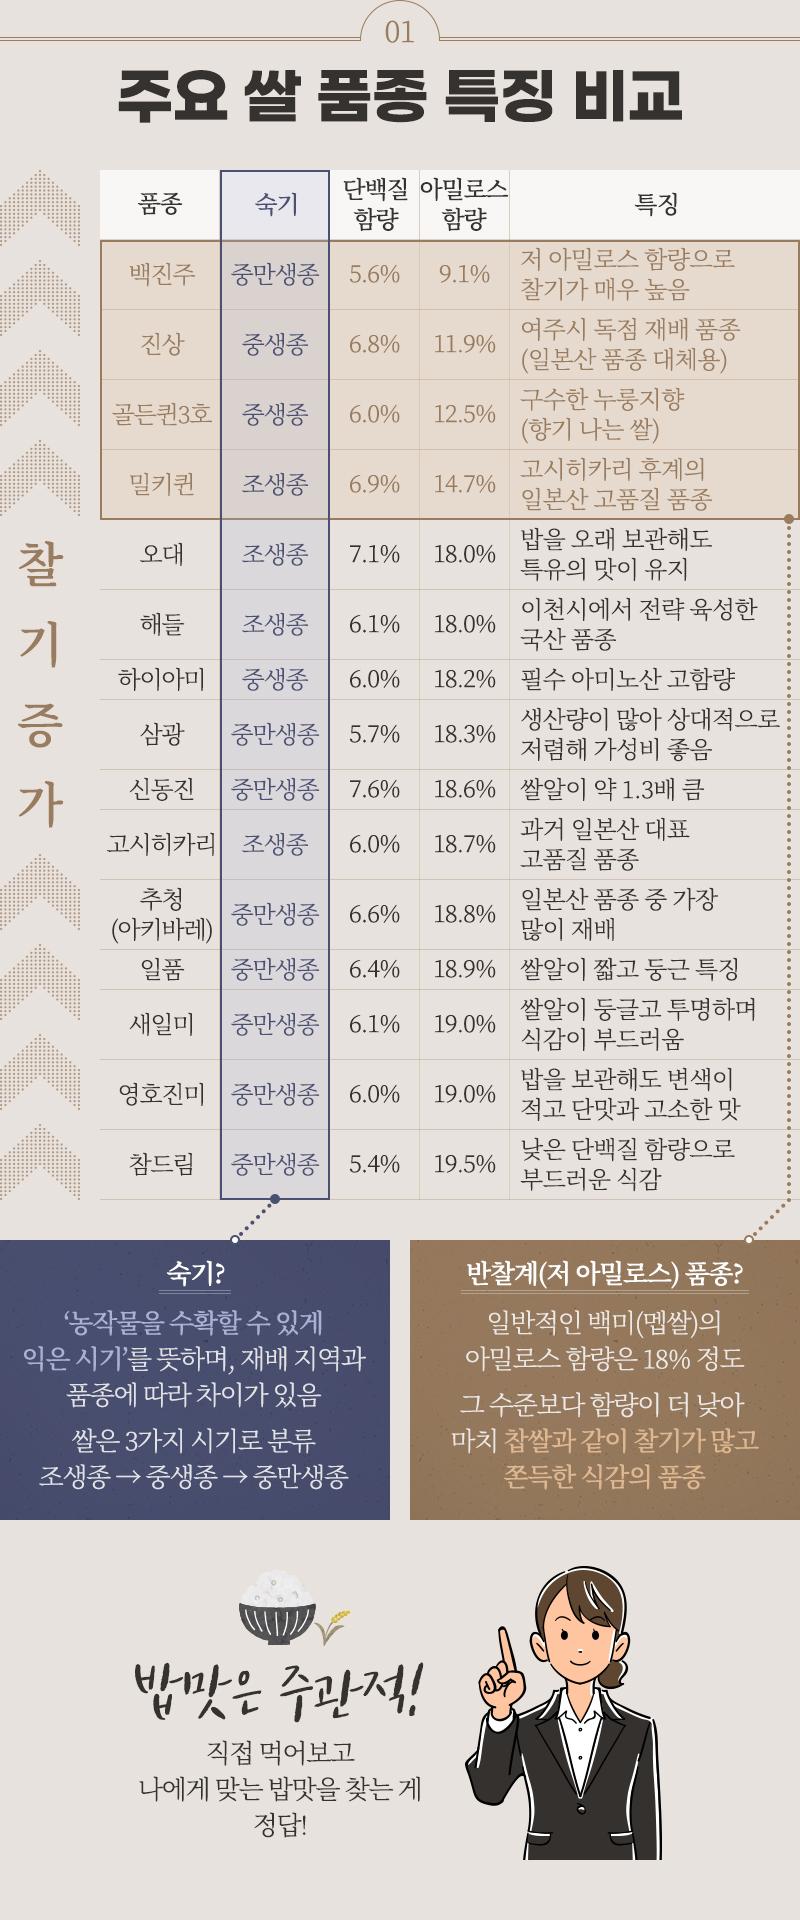 주요 쌀 품종 특징 비교